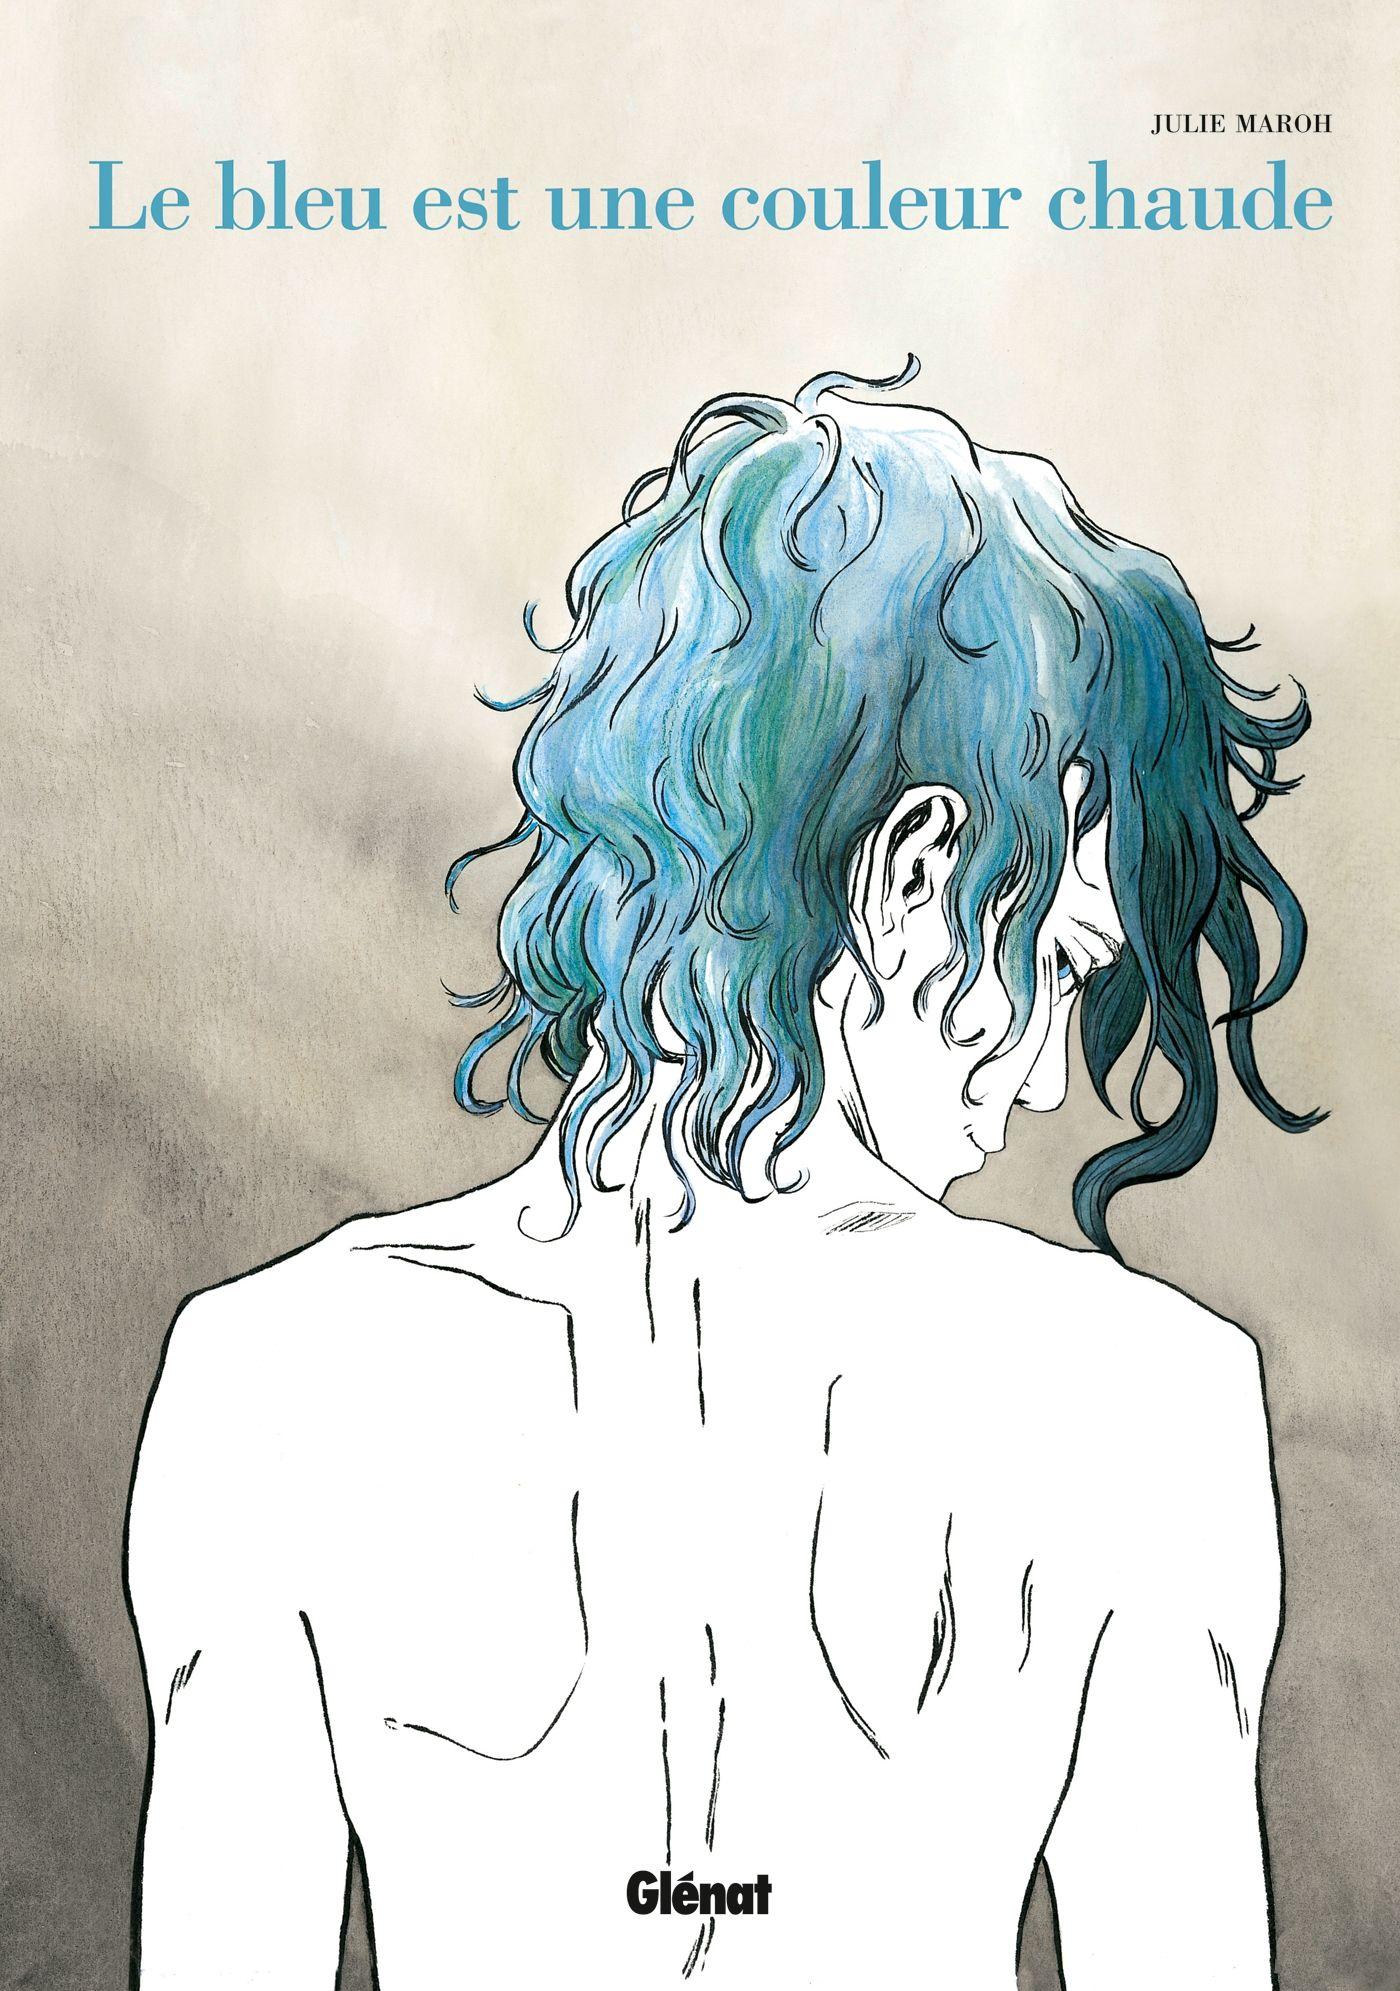 Le bleu est une couleur chaude - Julie Maroh - SensCritique